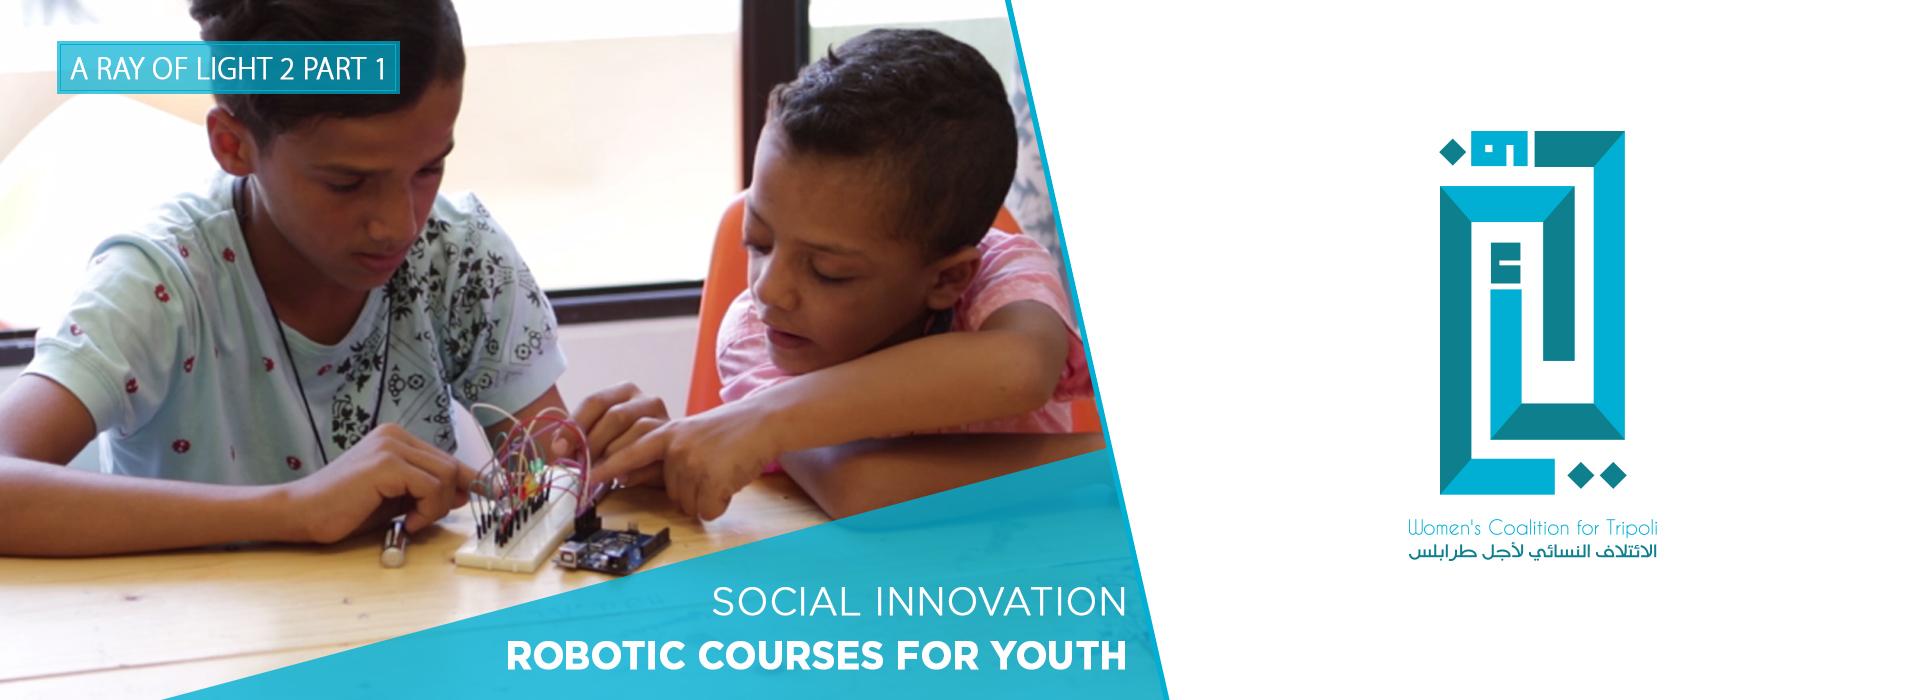 social innovation1 a ray of light2 part 1